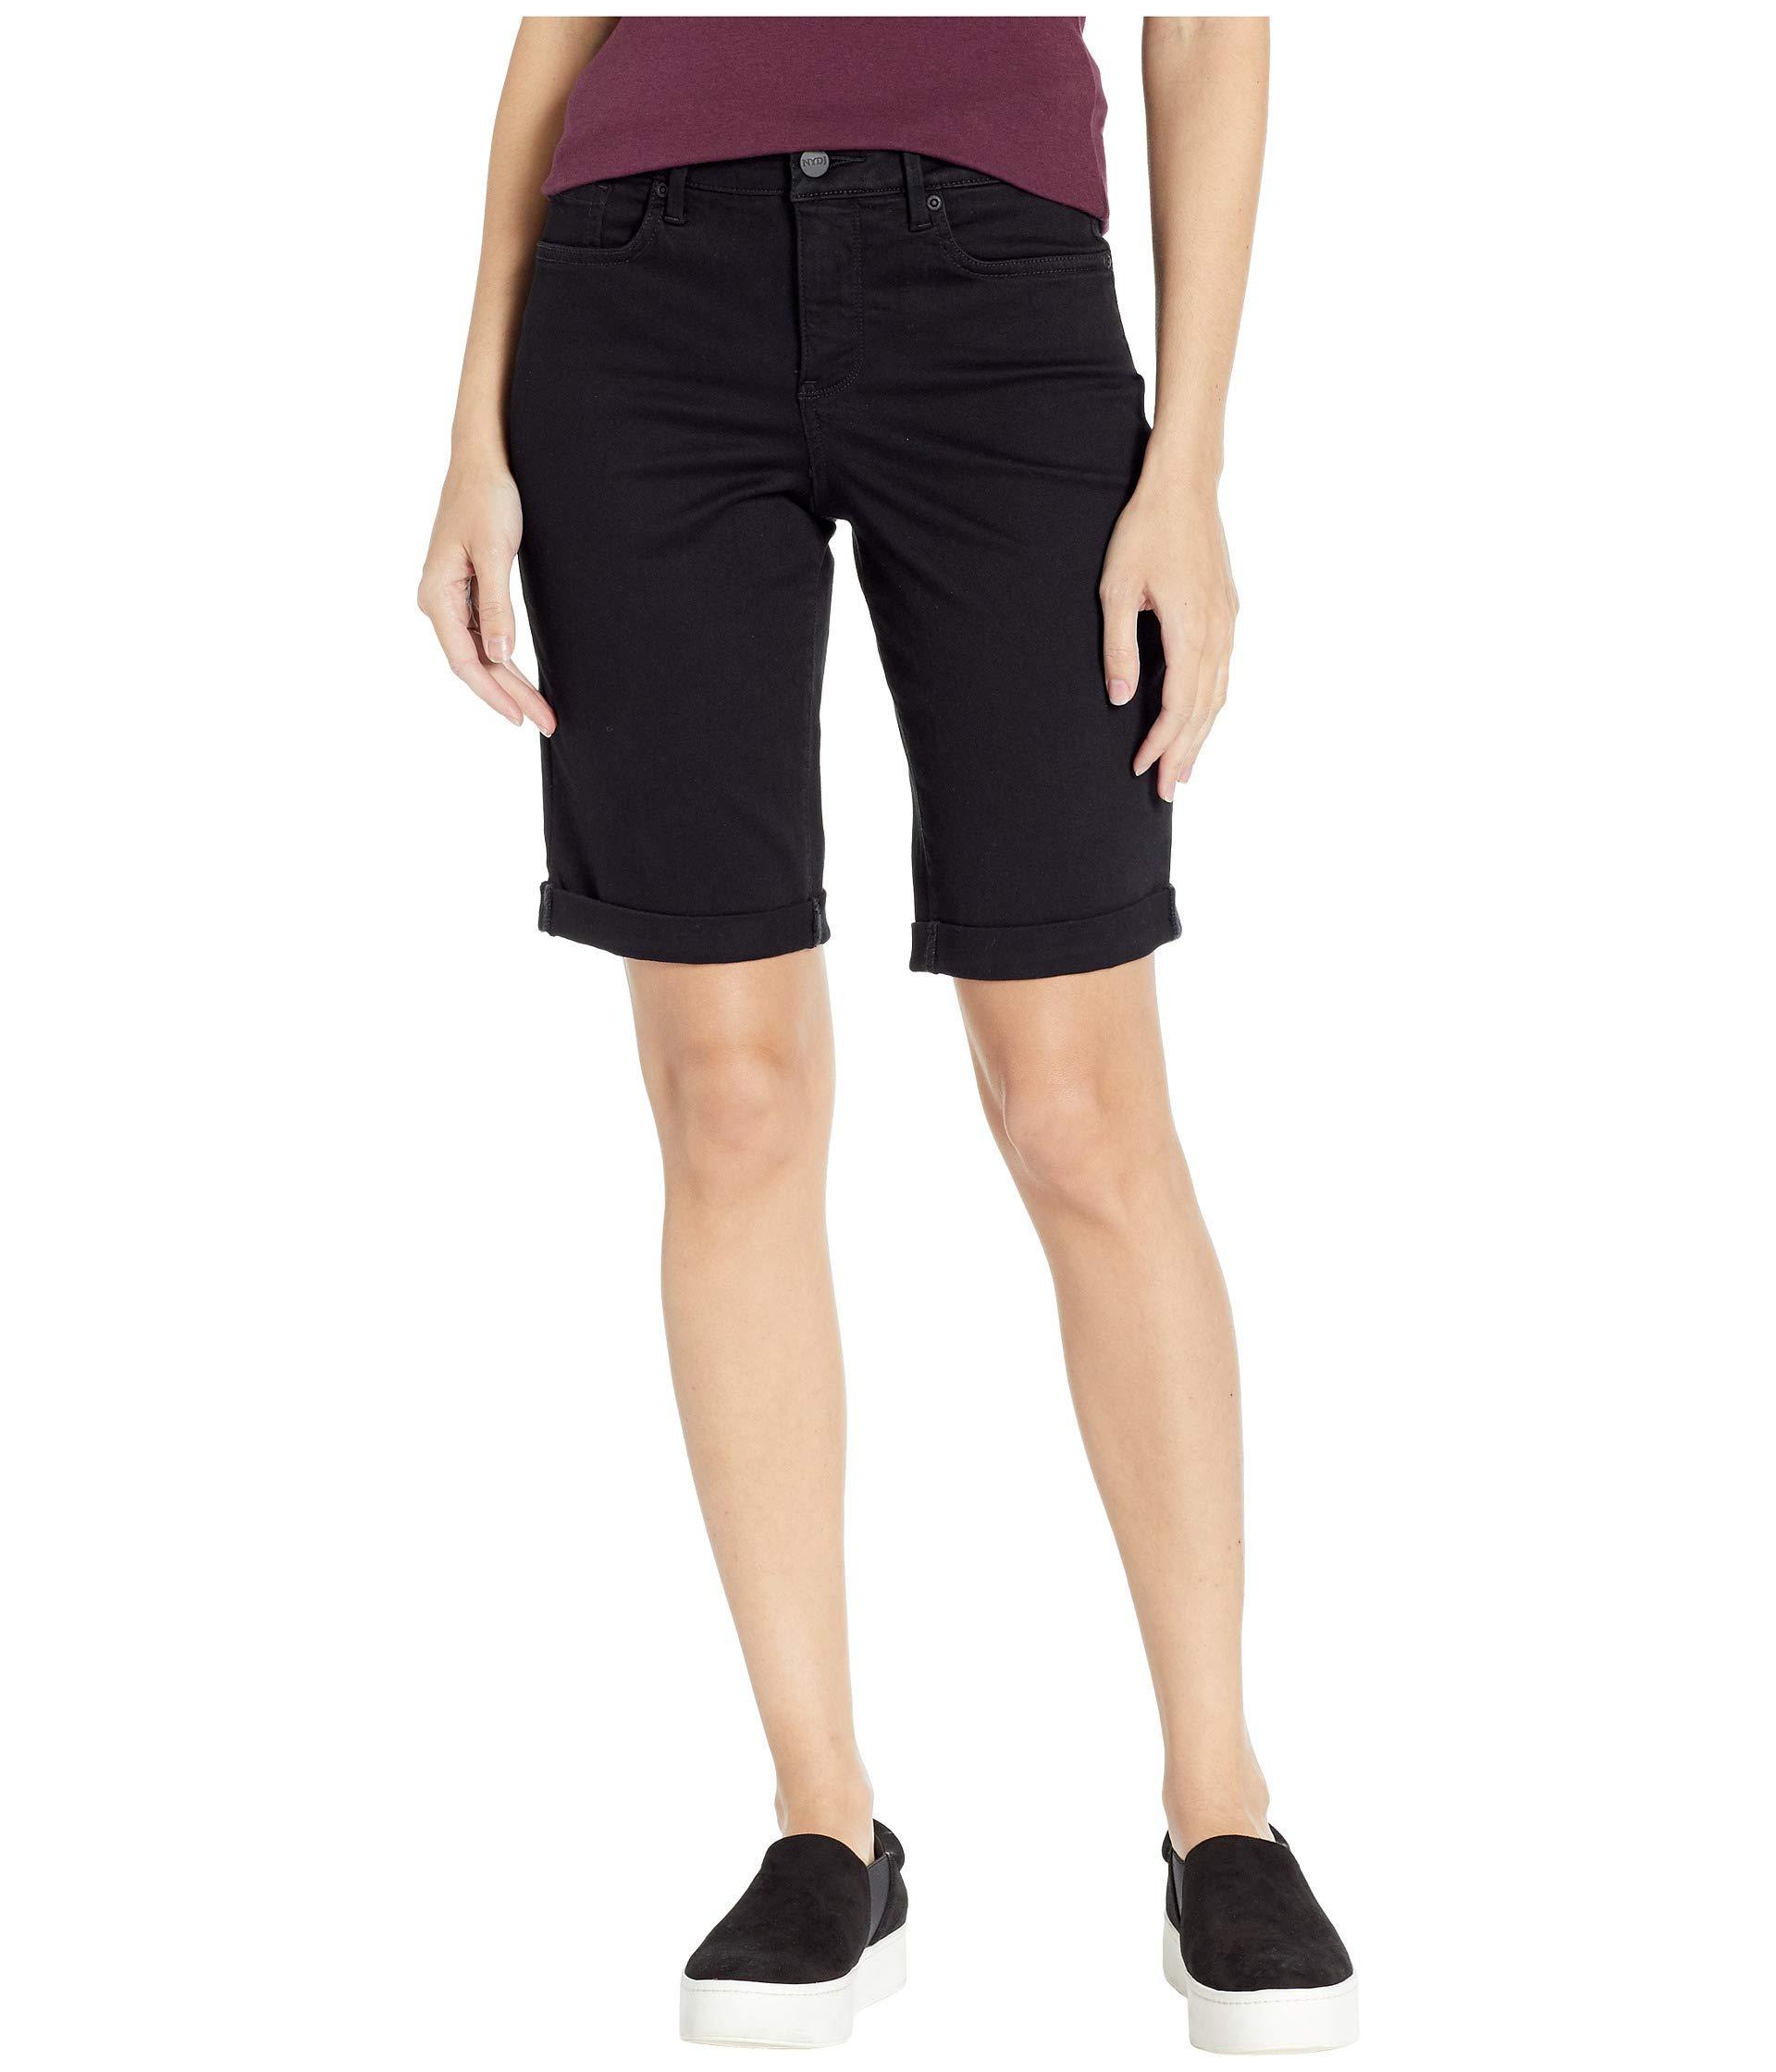 NYDJ Womens Briella Roll Cuff Jean Short NYDJ Women/'s Collection M10Z1684